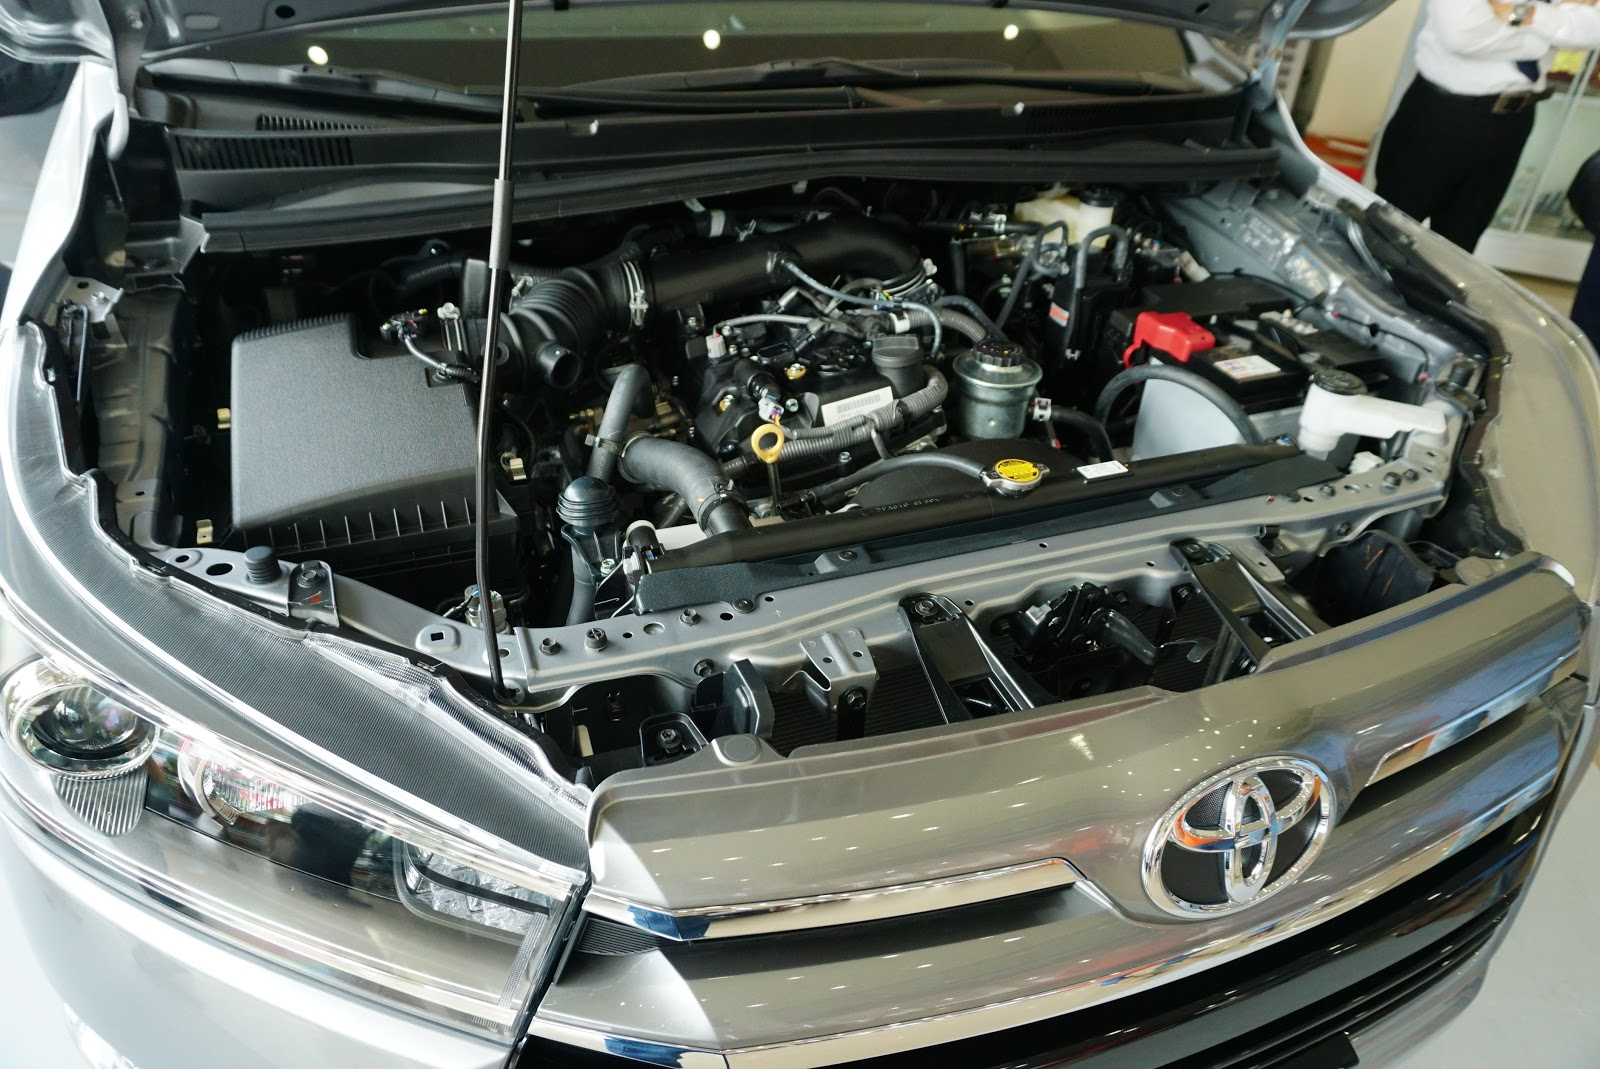 Động cơ của xe khá yếu so với vẻ ngoài to lớn của xe